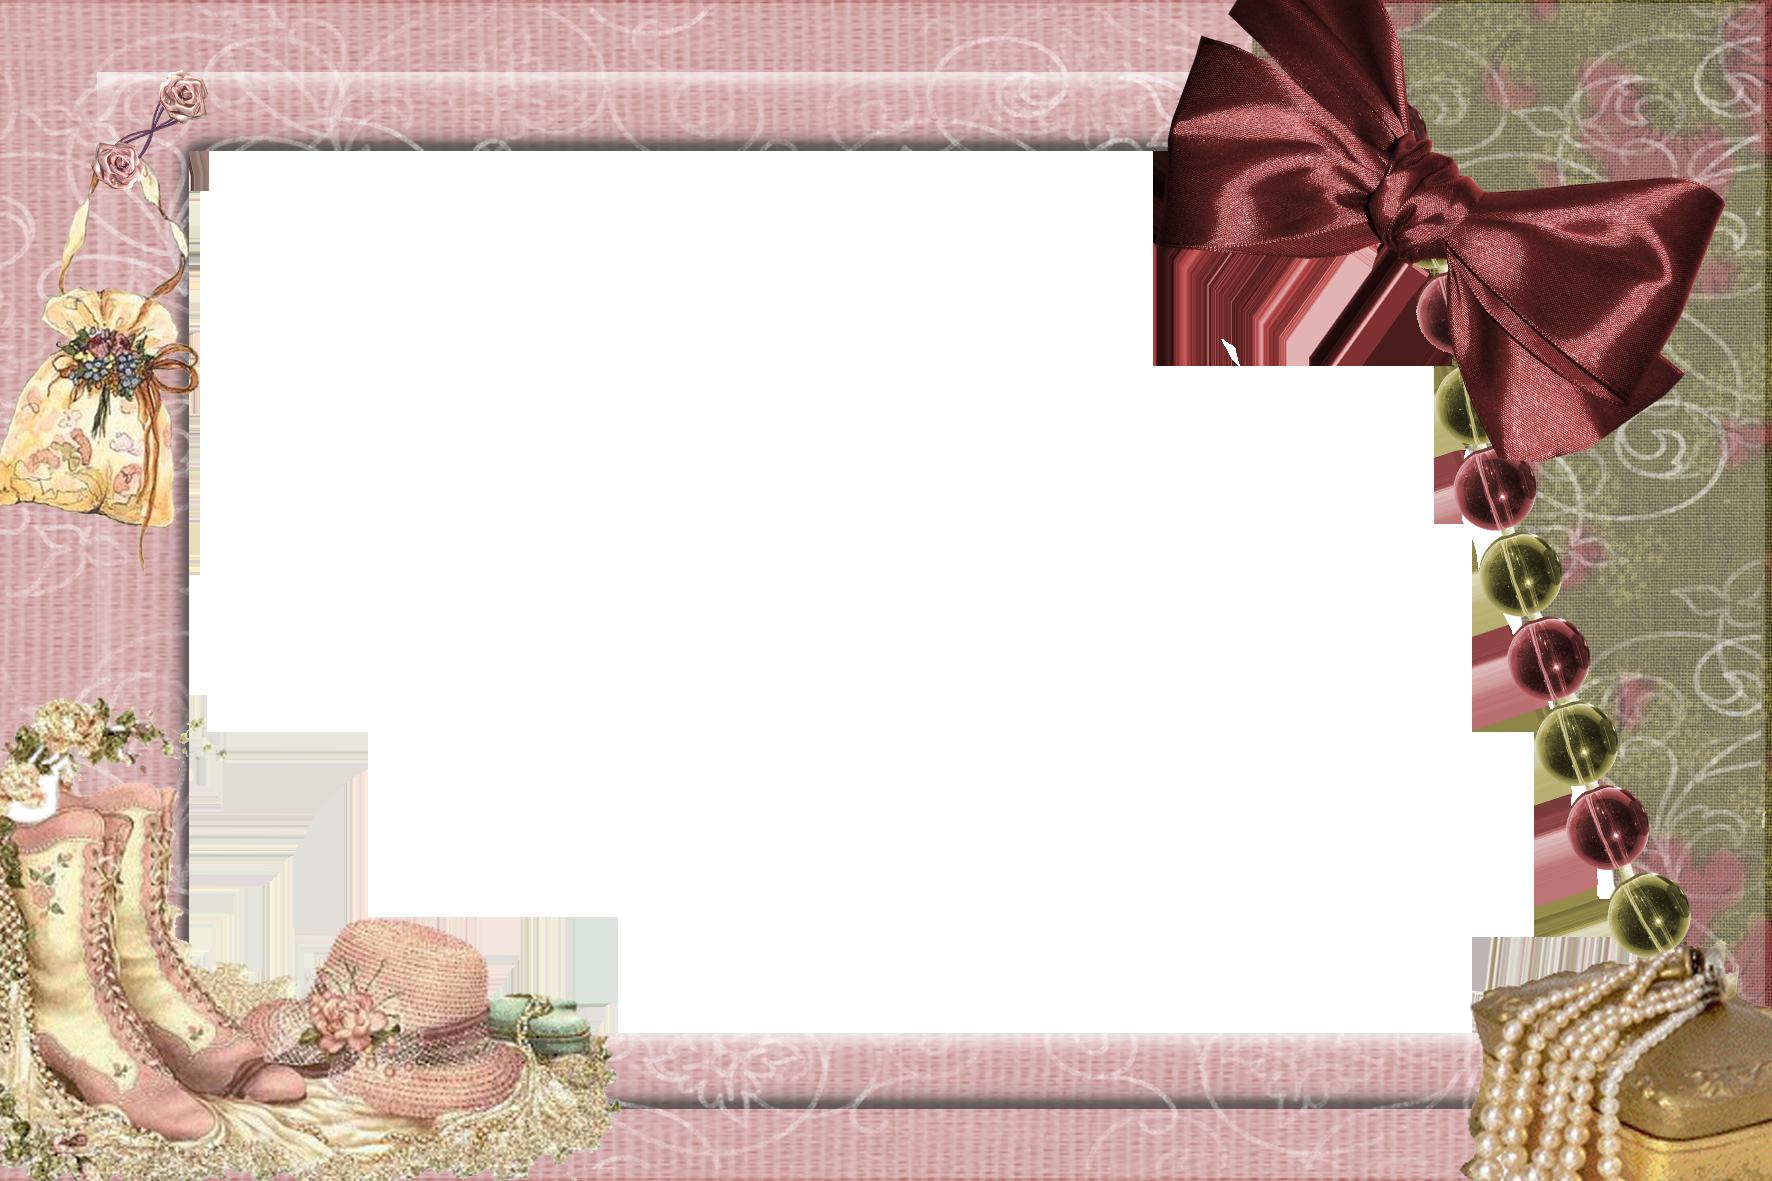 фото для рамки красивые скачать